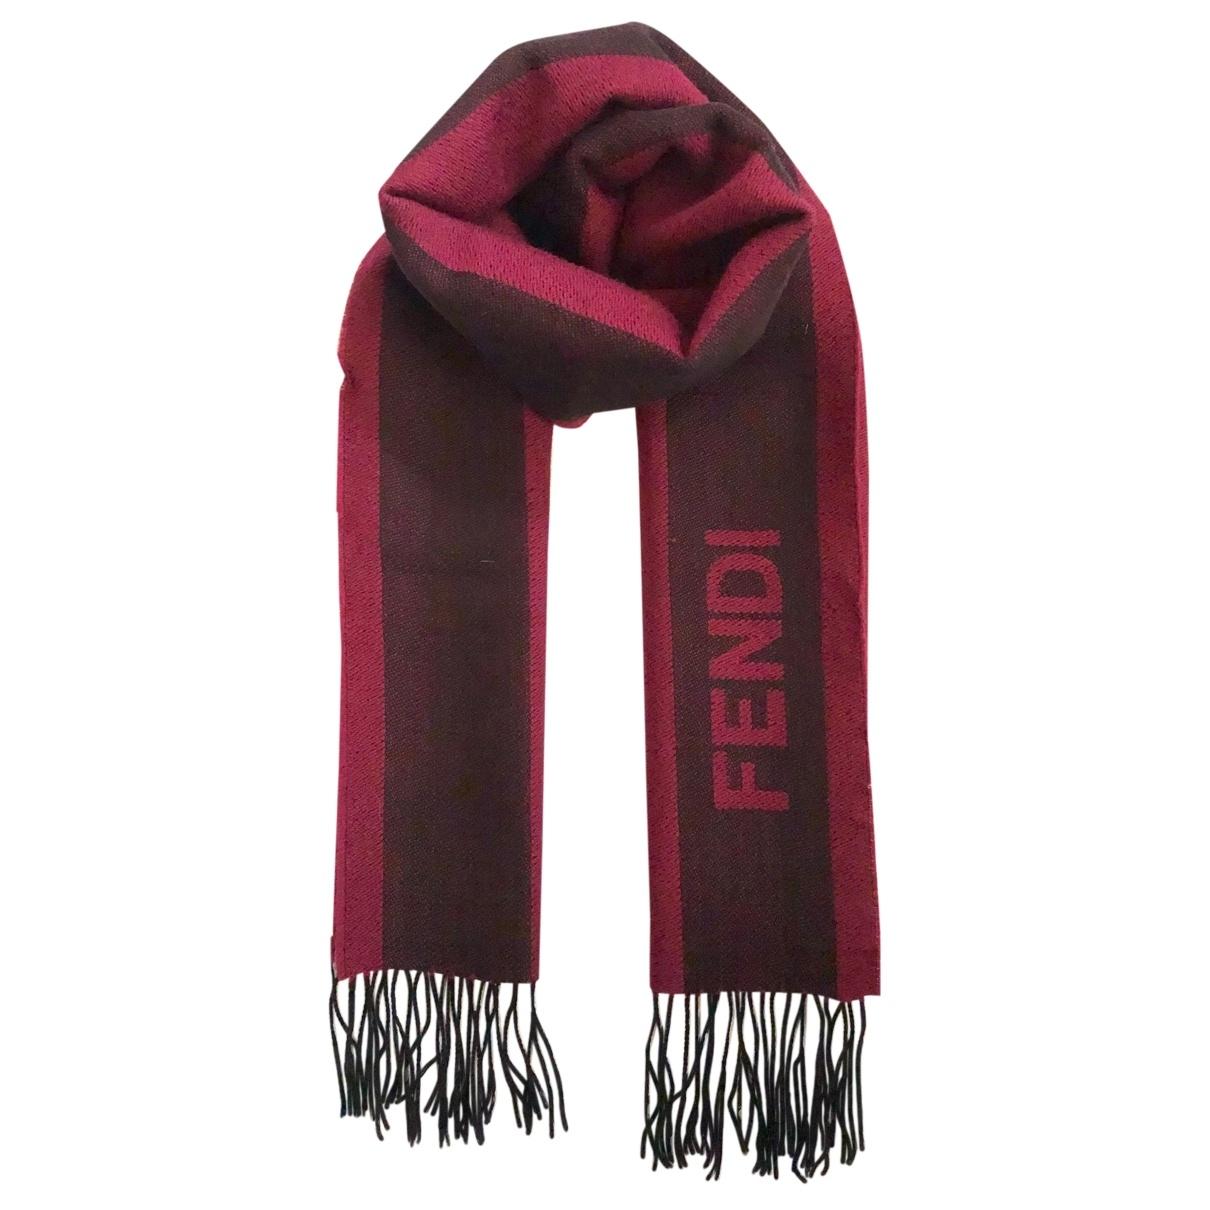 Fendi \N Schal in  Bordeauxrot Wolle